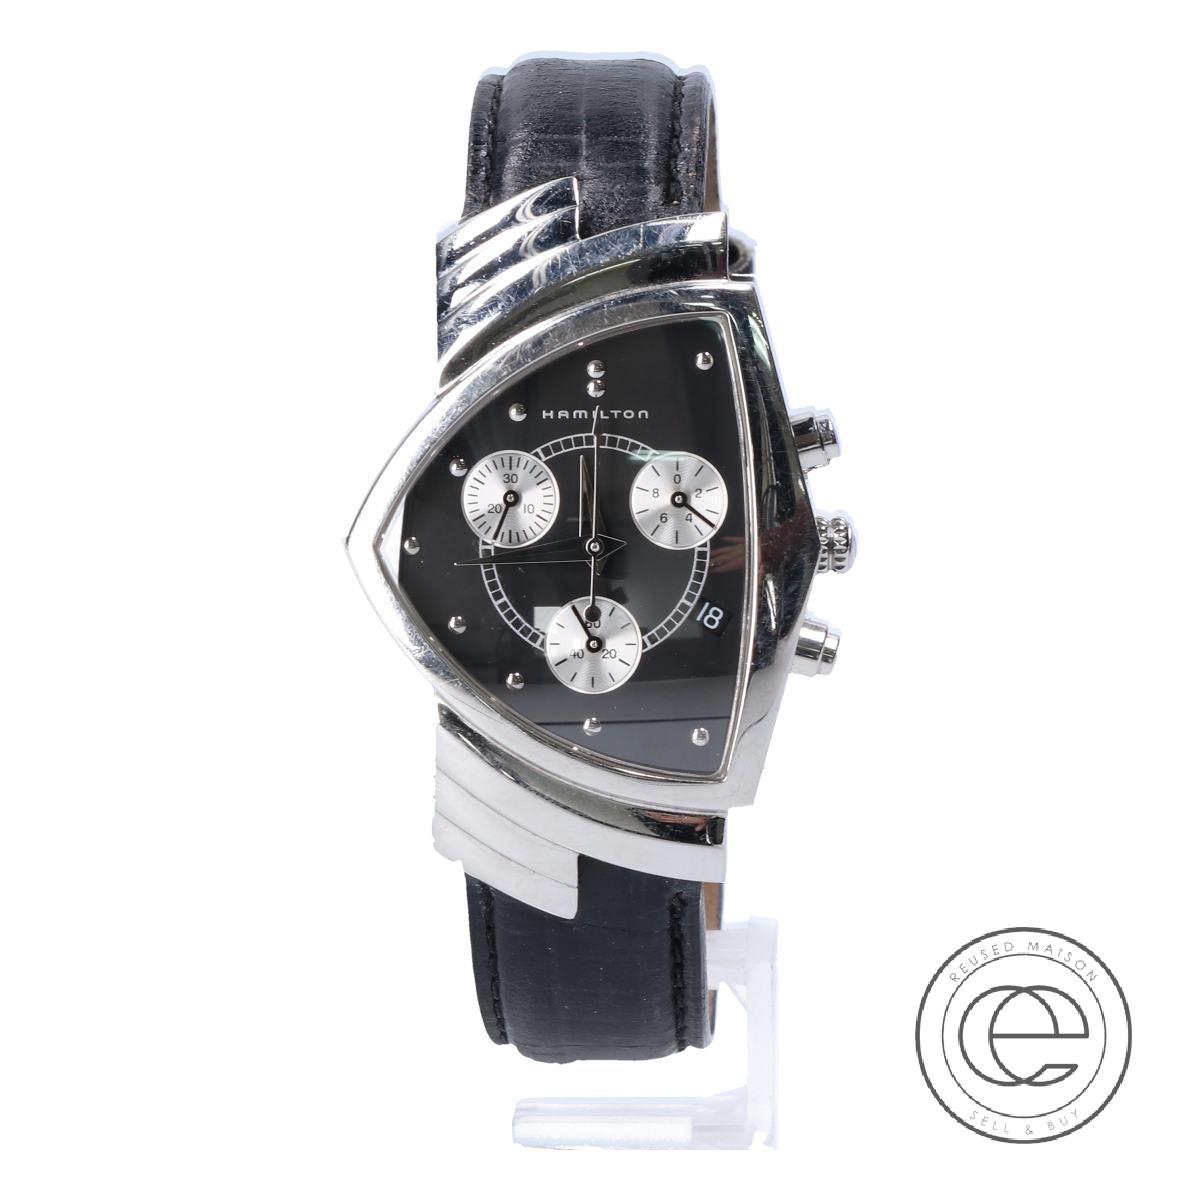 HAMILTONハミルトン H244121 ベンチュラ クロノグラフ 腕時計 シルバー/ブラック メンズ 【中古】